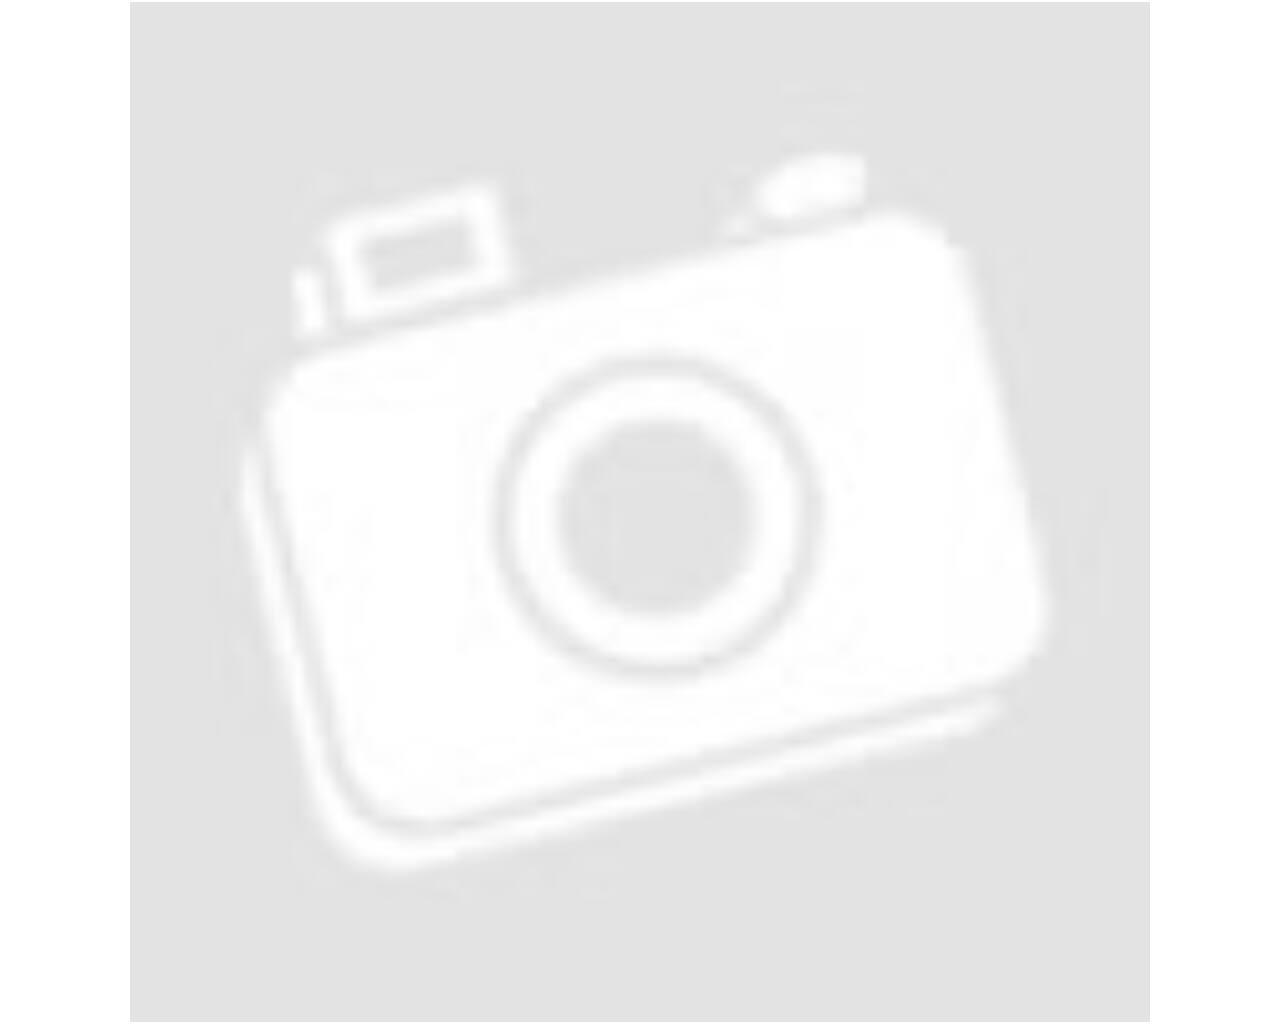 Ágynemű garnitúra, 2 személyes, Pillangó, 100% pamut, fehér + rózsaszín + lila